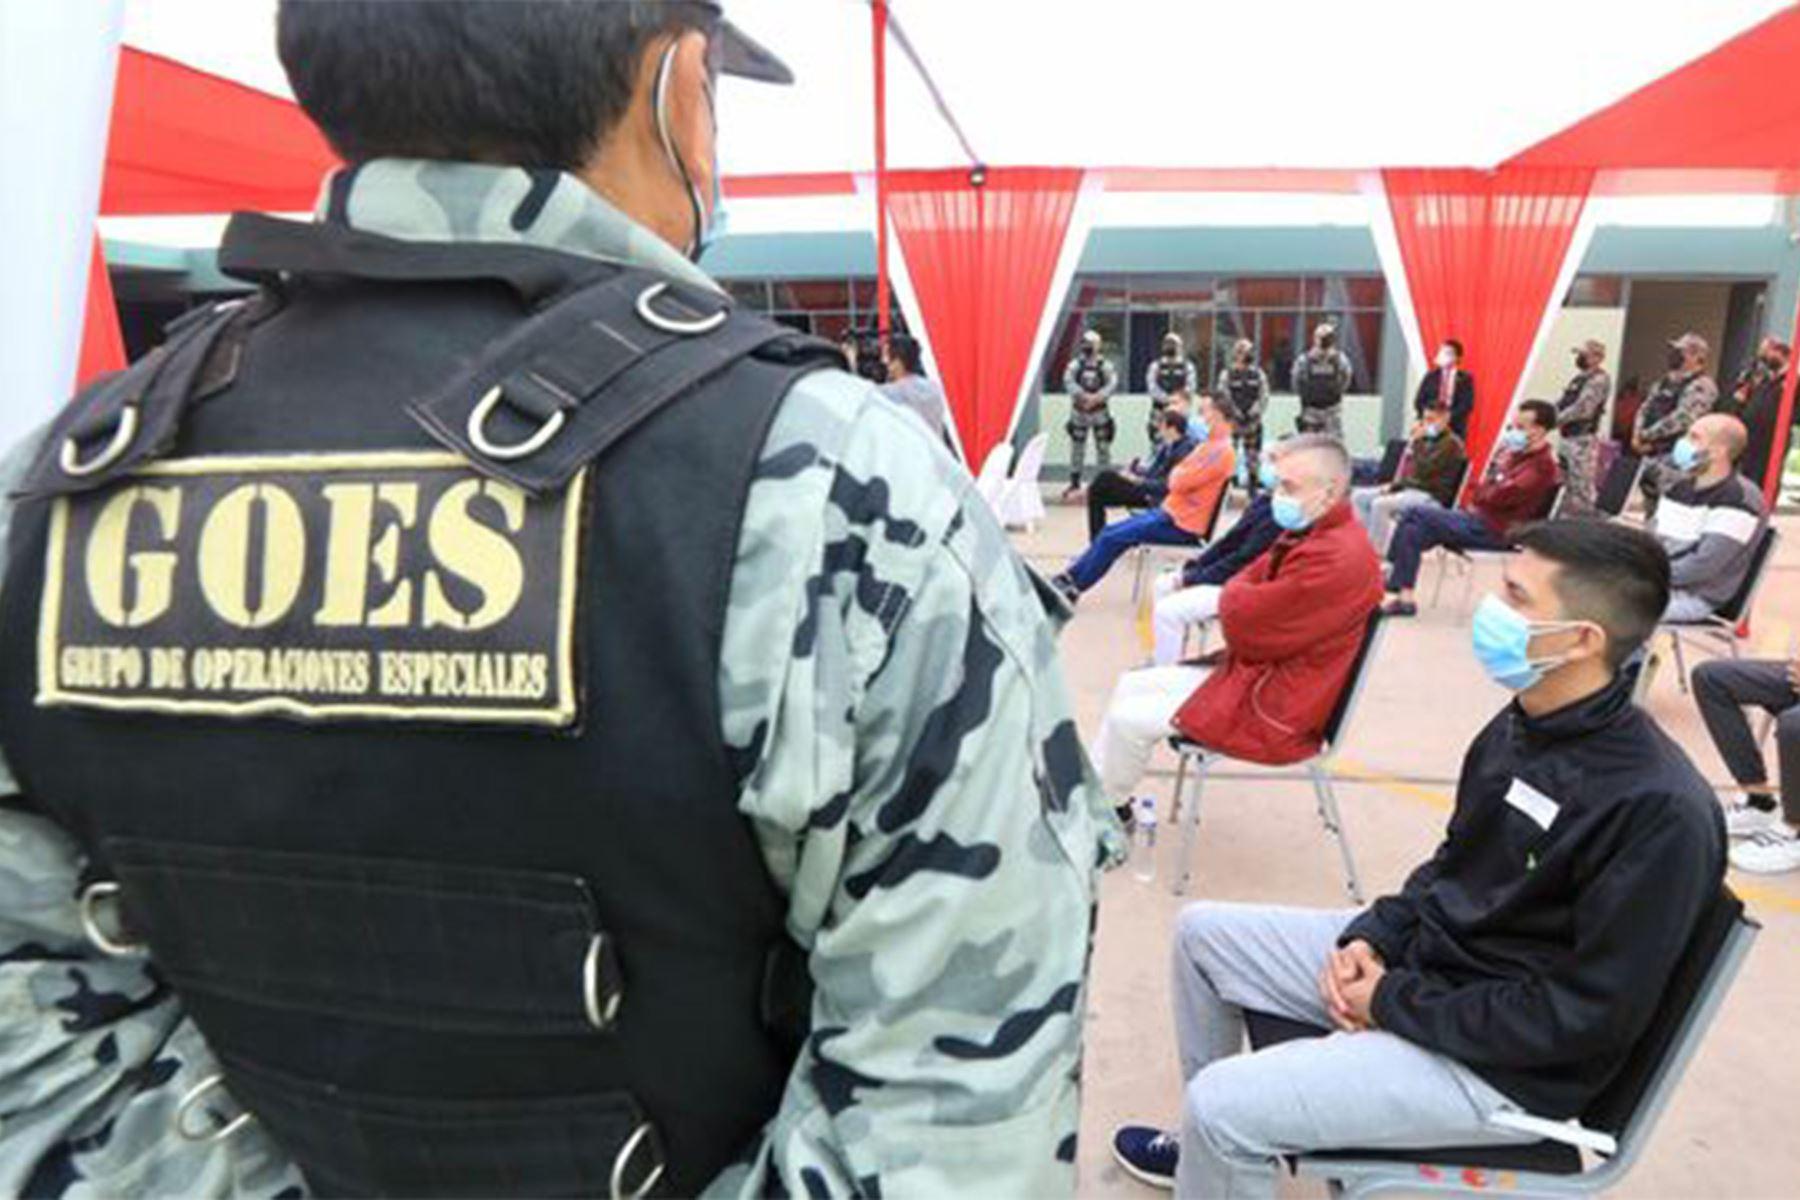 Los internos fueron puestos a disposición de los agentes de la Organización Internacional de Policía Criminal-Interpol del reino de España por parte de las autoridades del Instituto Nacional Penitenciario (Inpe). Foto: ANDINA/Ministerio de Justicia y Derechos Humanos.